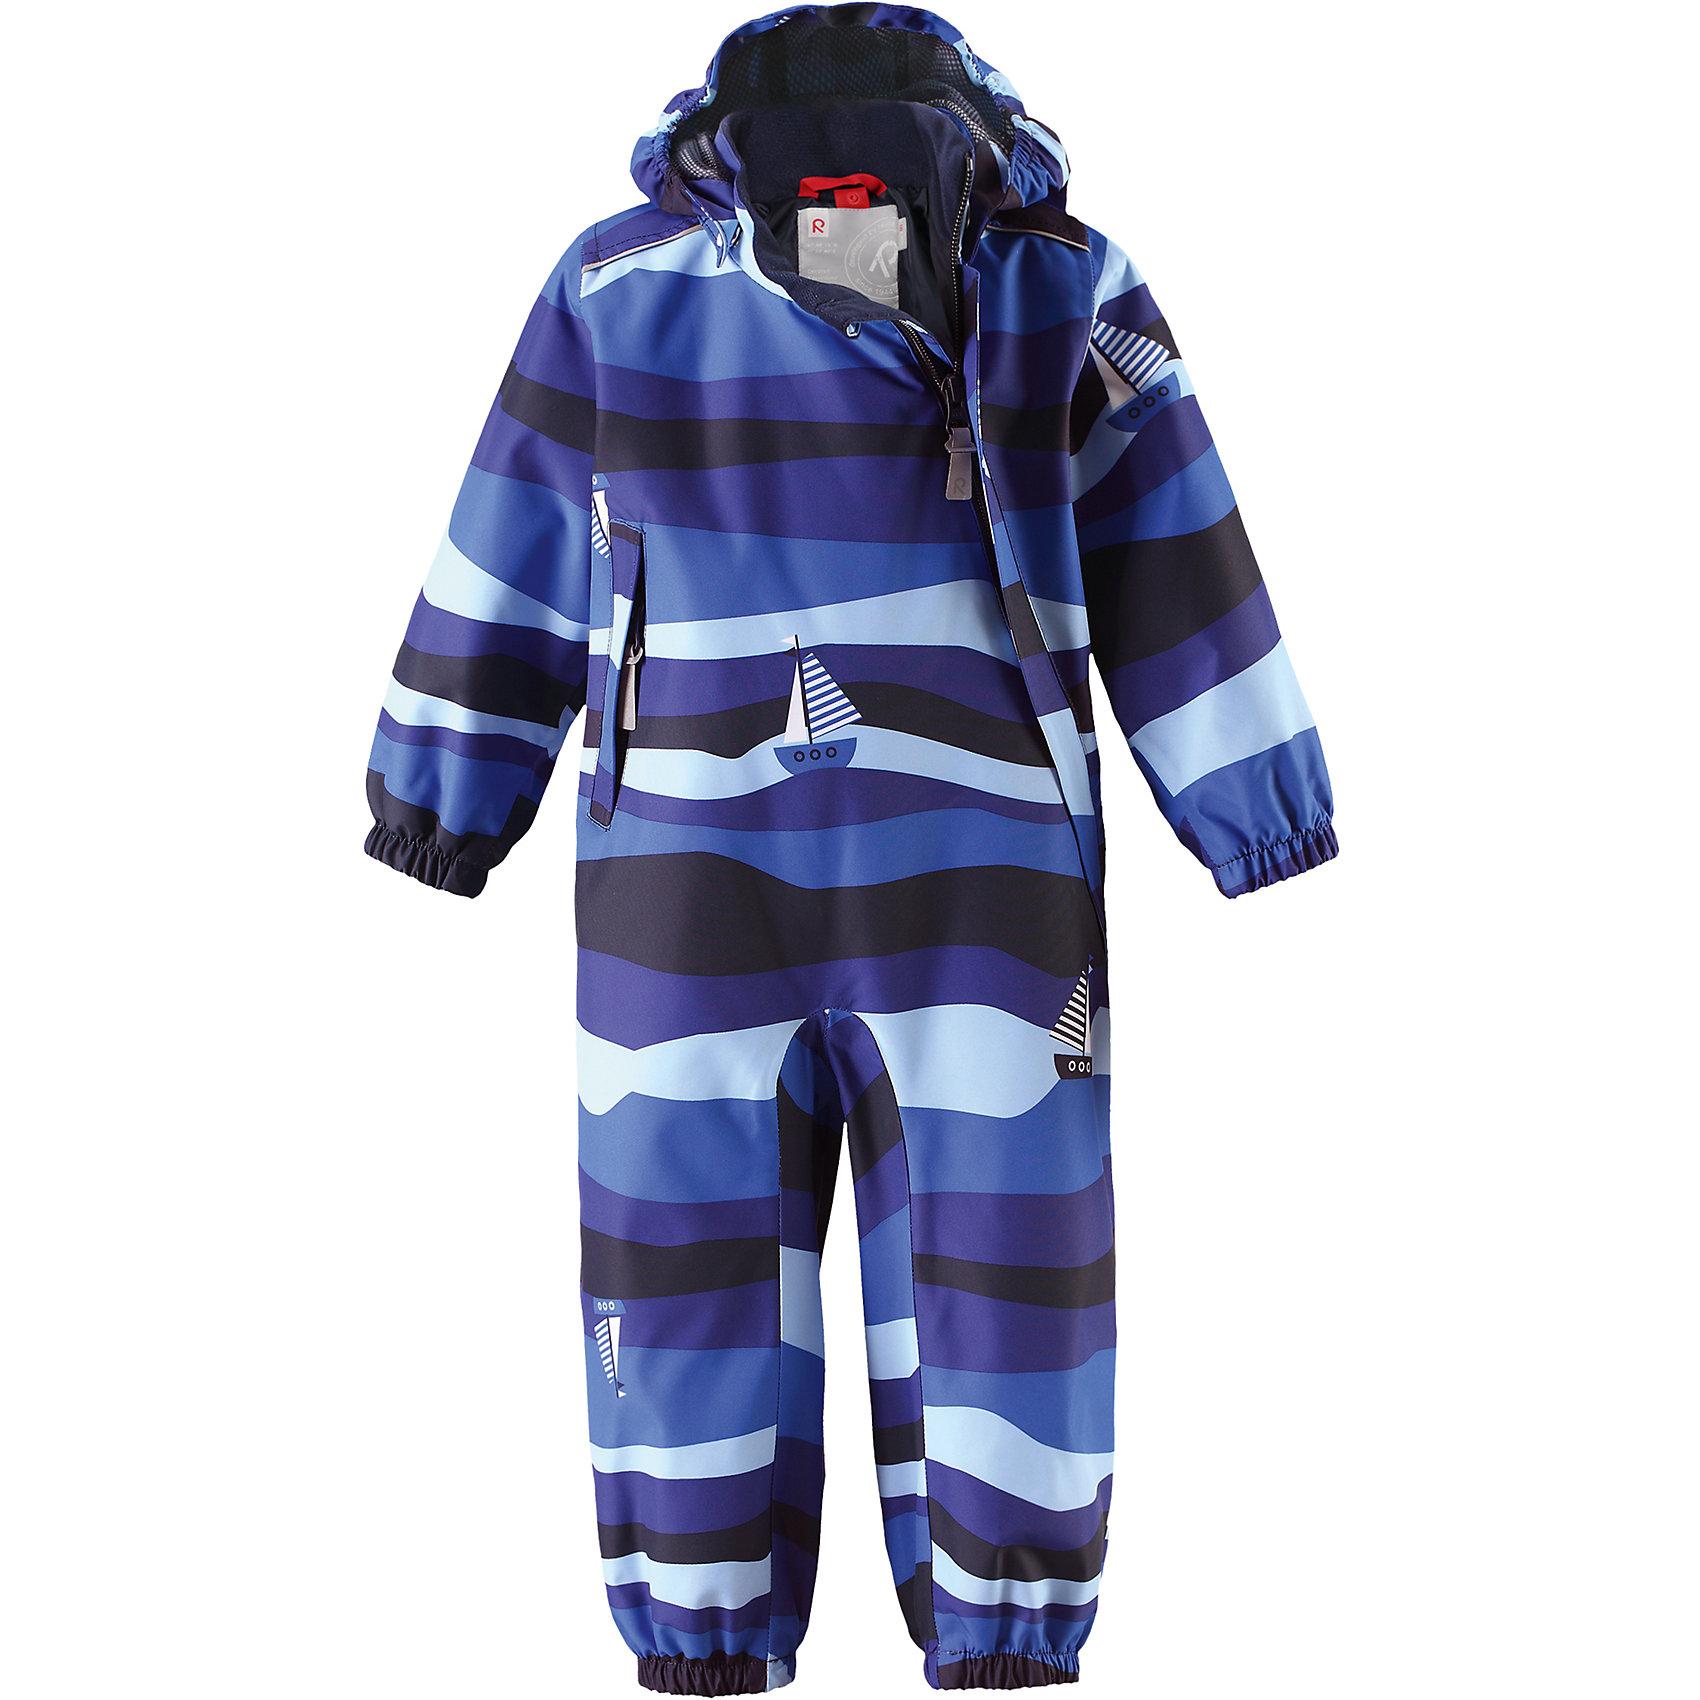 Комбинезон Nautilus для мальчика Reimatec® ReimaВерхняя одежда<br>Характеристики товара:<br><br>• цвет: синий<br>• состав: 100% полиэстер, полиуретановое покрытие<br>• температурный режим: от +5° до +15°С<br>• водонепроницаемость: 15000 мм<br>• воздухопроницаемость: 5000 мм<br>• износостойкость: 35000 циклов (тест Мартиндейла)<br>• без утеплителя<br>• все швы проклеены, водонепроницаемы<br>• водо- и ветронепроницаемый, дышащий, грязеотталкивающий материал<br>• гладкая подкладка из полиэстера по всему изделию, mesh сетка на капюшоне<br>• безопасный съёмный капюшон<br>• эластичные манжеты<br>• прочные съёмные силиконовые штрипки<br>• длинная застежка на молнии облегчает надевание<br>• карман на молнии<br>• комфортная посадка<br>• страна производства: Китай<br>• страна бренда: Финляндия<br>• коллекция: весна-лето 2017<br><br>Верхняя одежда для детей может быть модной и комфортной одновременно! Демисезонный комбинезон поможет обеспечить ребенку комфорт и тепло. Он отлично смотрится с различной обувью. Изделие удобно сидит и модно выглядит. Материал - прочный, хорошо подходящий для межсезонья, водо- и ветронепроницаемый, «дышащий». Стильный дизайн разрабатывался специально для детей.<br><br>Одежда и обувь от финского бренда Reima пользуется популярностью во многих странах. Эти изделия стильные, качественные и удобные. Для производства продукции используются только безопасные, проверенные материалы и фурнитура. Порадуйте ребенка модными и красивыми вещами от Reima! <br><br>Комбинезон для мальчика Reimatec® от финского бренда Reima (Рейма) можно купить в нашем интернет-магазине.<br><br>Ширина мм: 356<br>Глубина мм: 10<br>Высота мм: 245<br>Вес г: 519<br>Цвет: синий<br>Возраст от месяцев: 12<br>Возраст до месяцев: 15<br>Пол: Мужской<br>Возраст: Детский<br>Размер: 80,98,74,92,86<br>SKU: 5265778